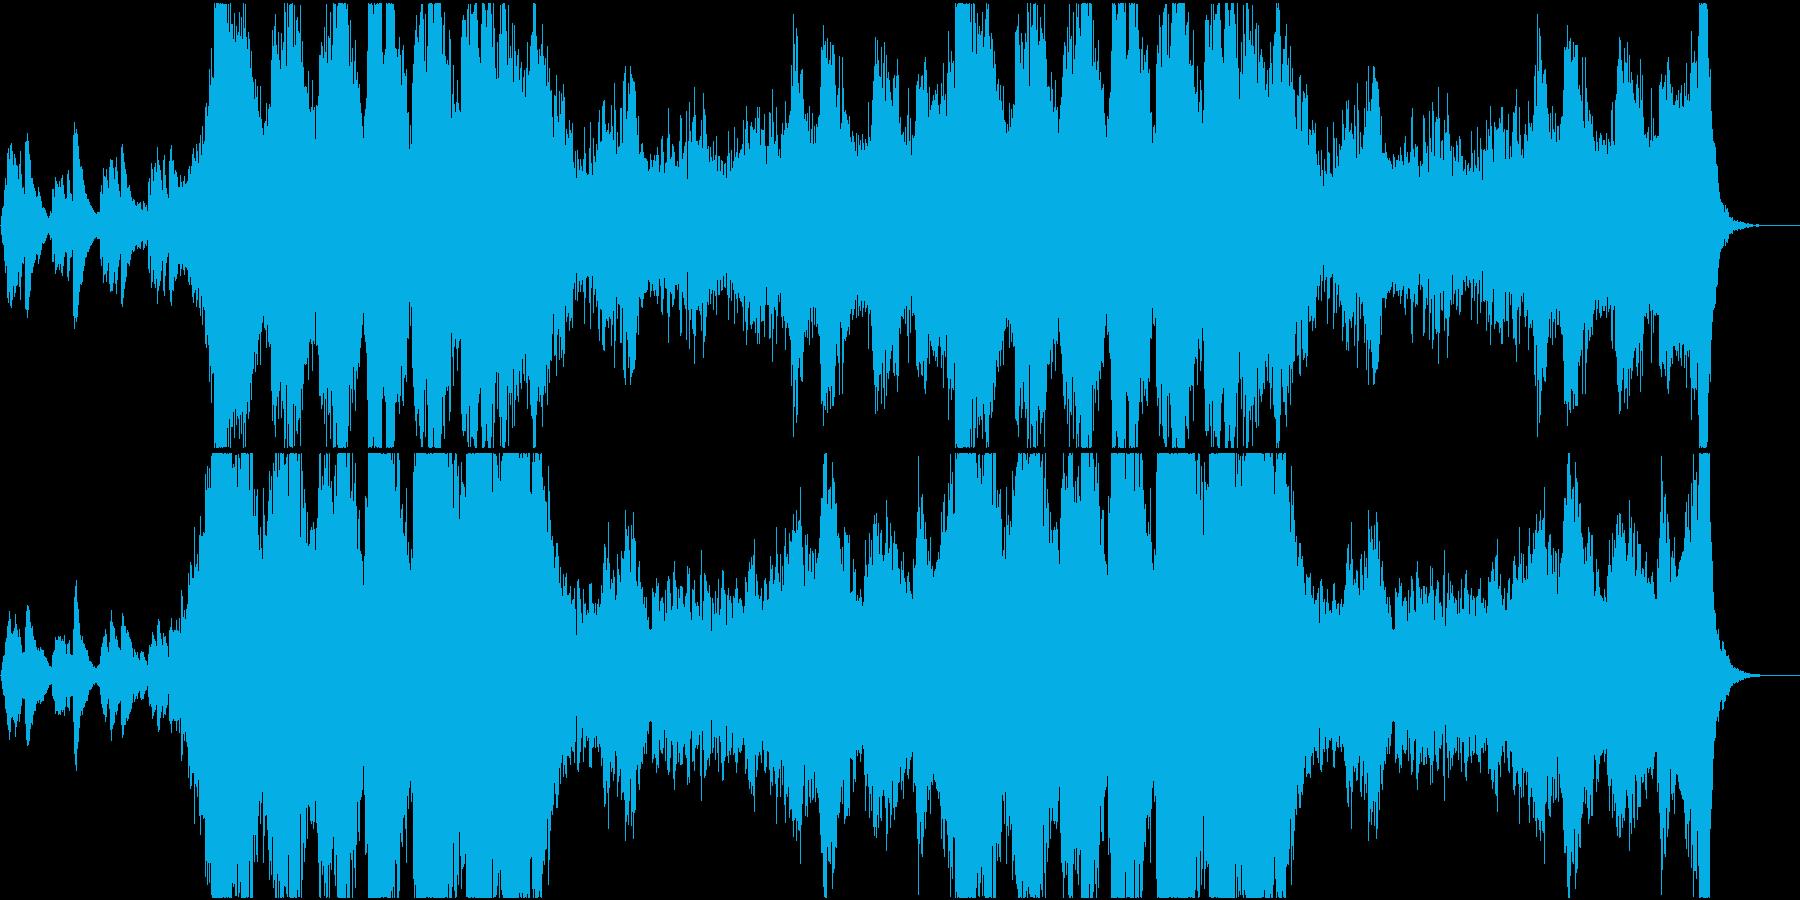 ホラー系壮大なサスペンス映画テーマ曲の再生済みの波形